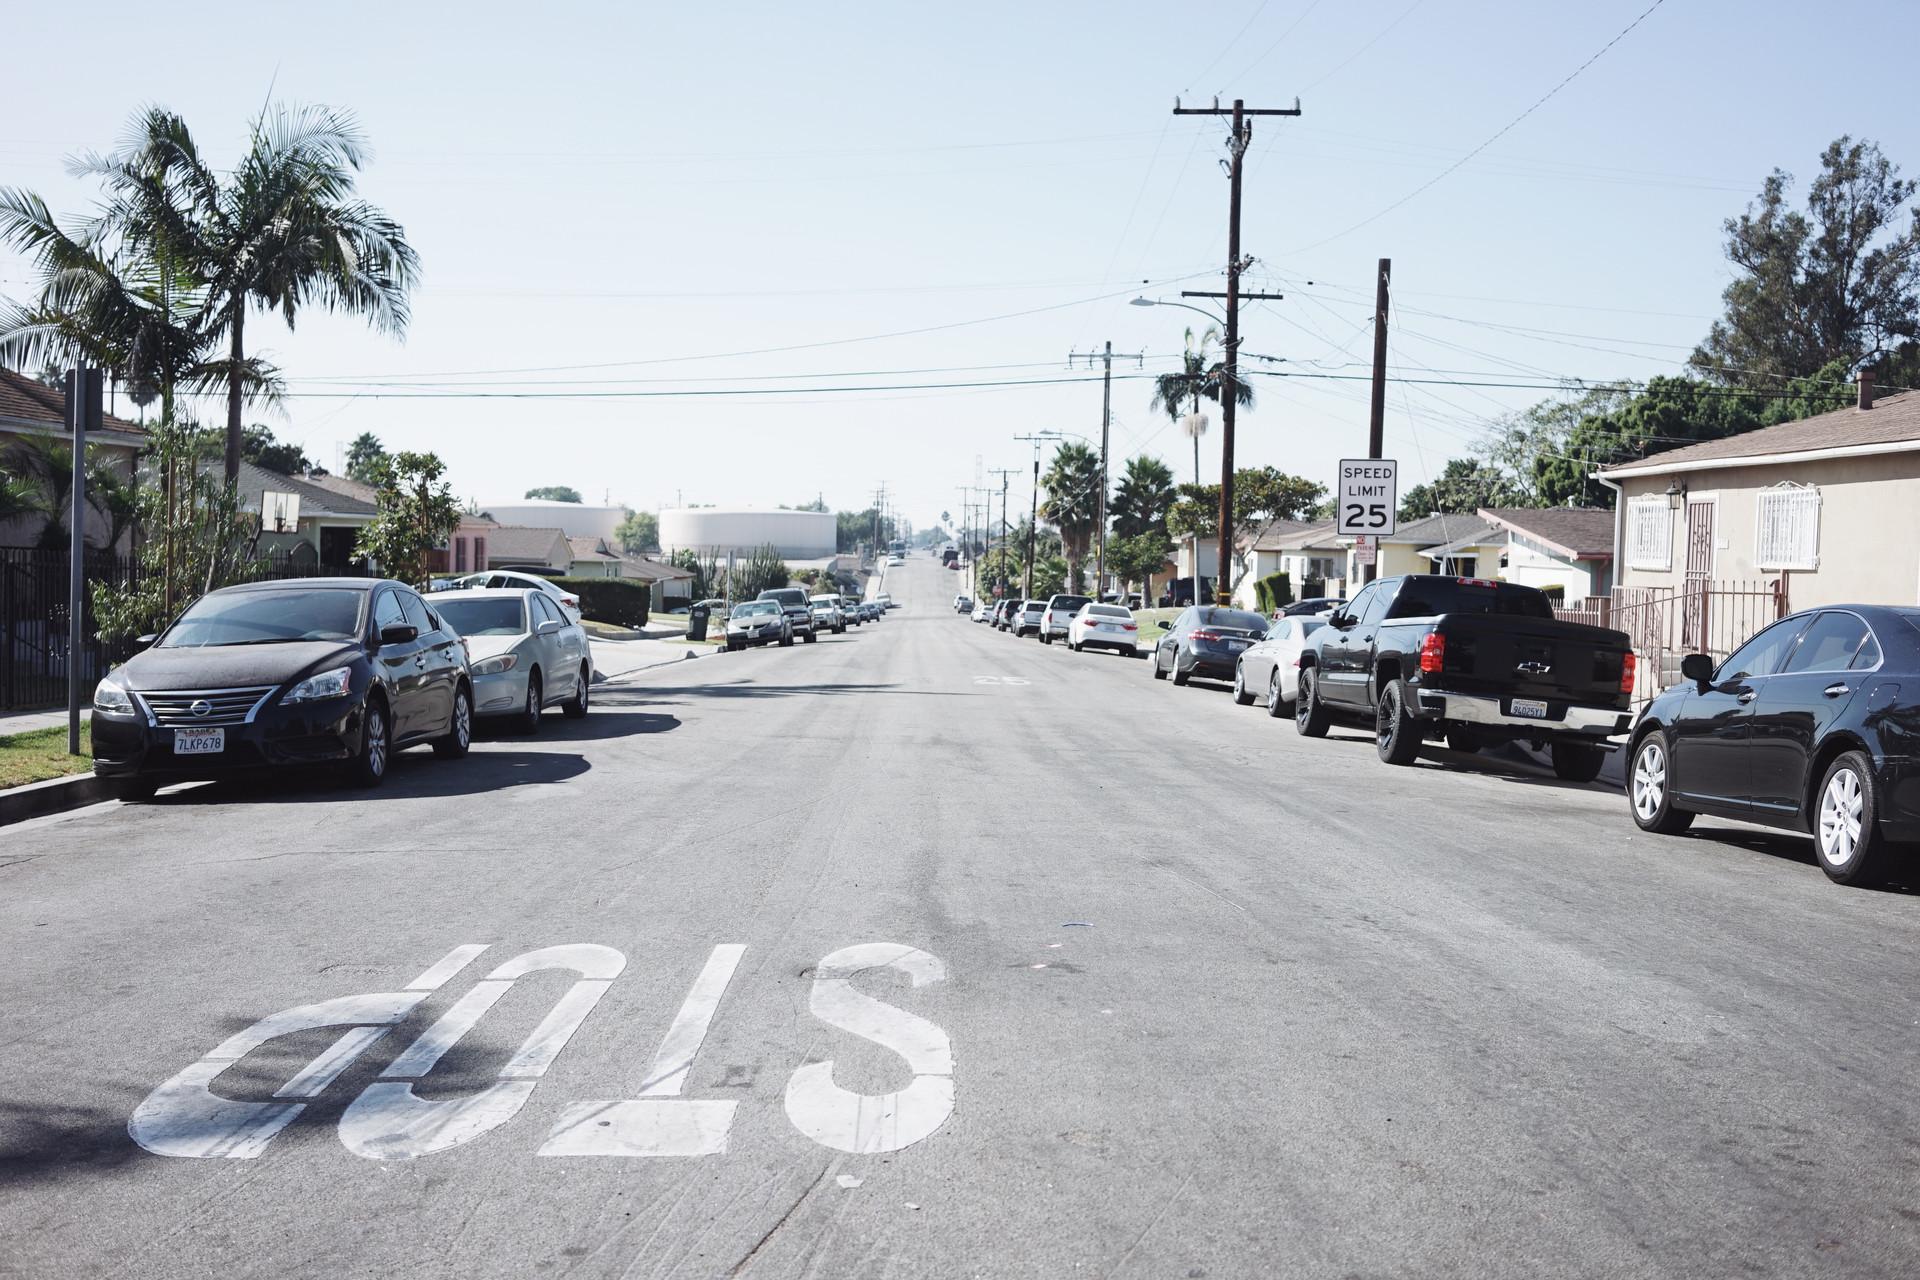 LA201911-05.jpg